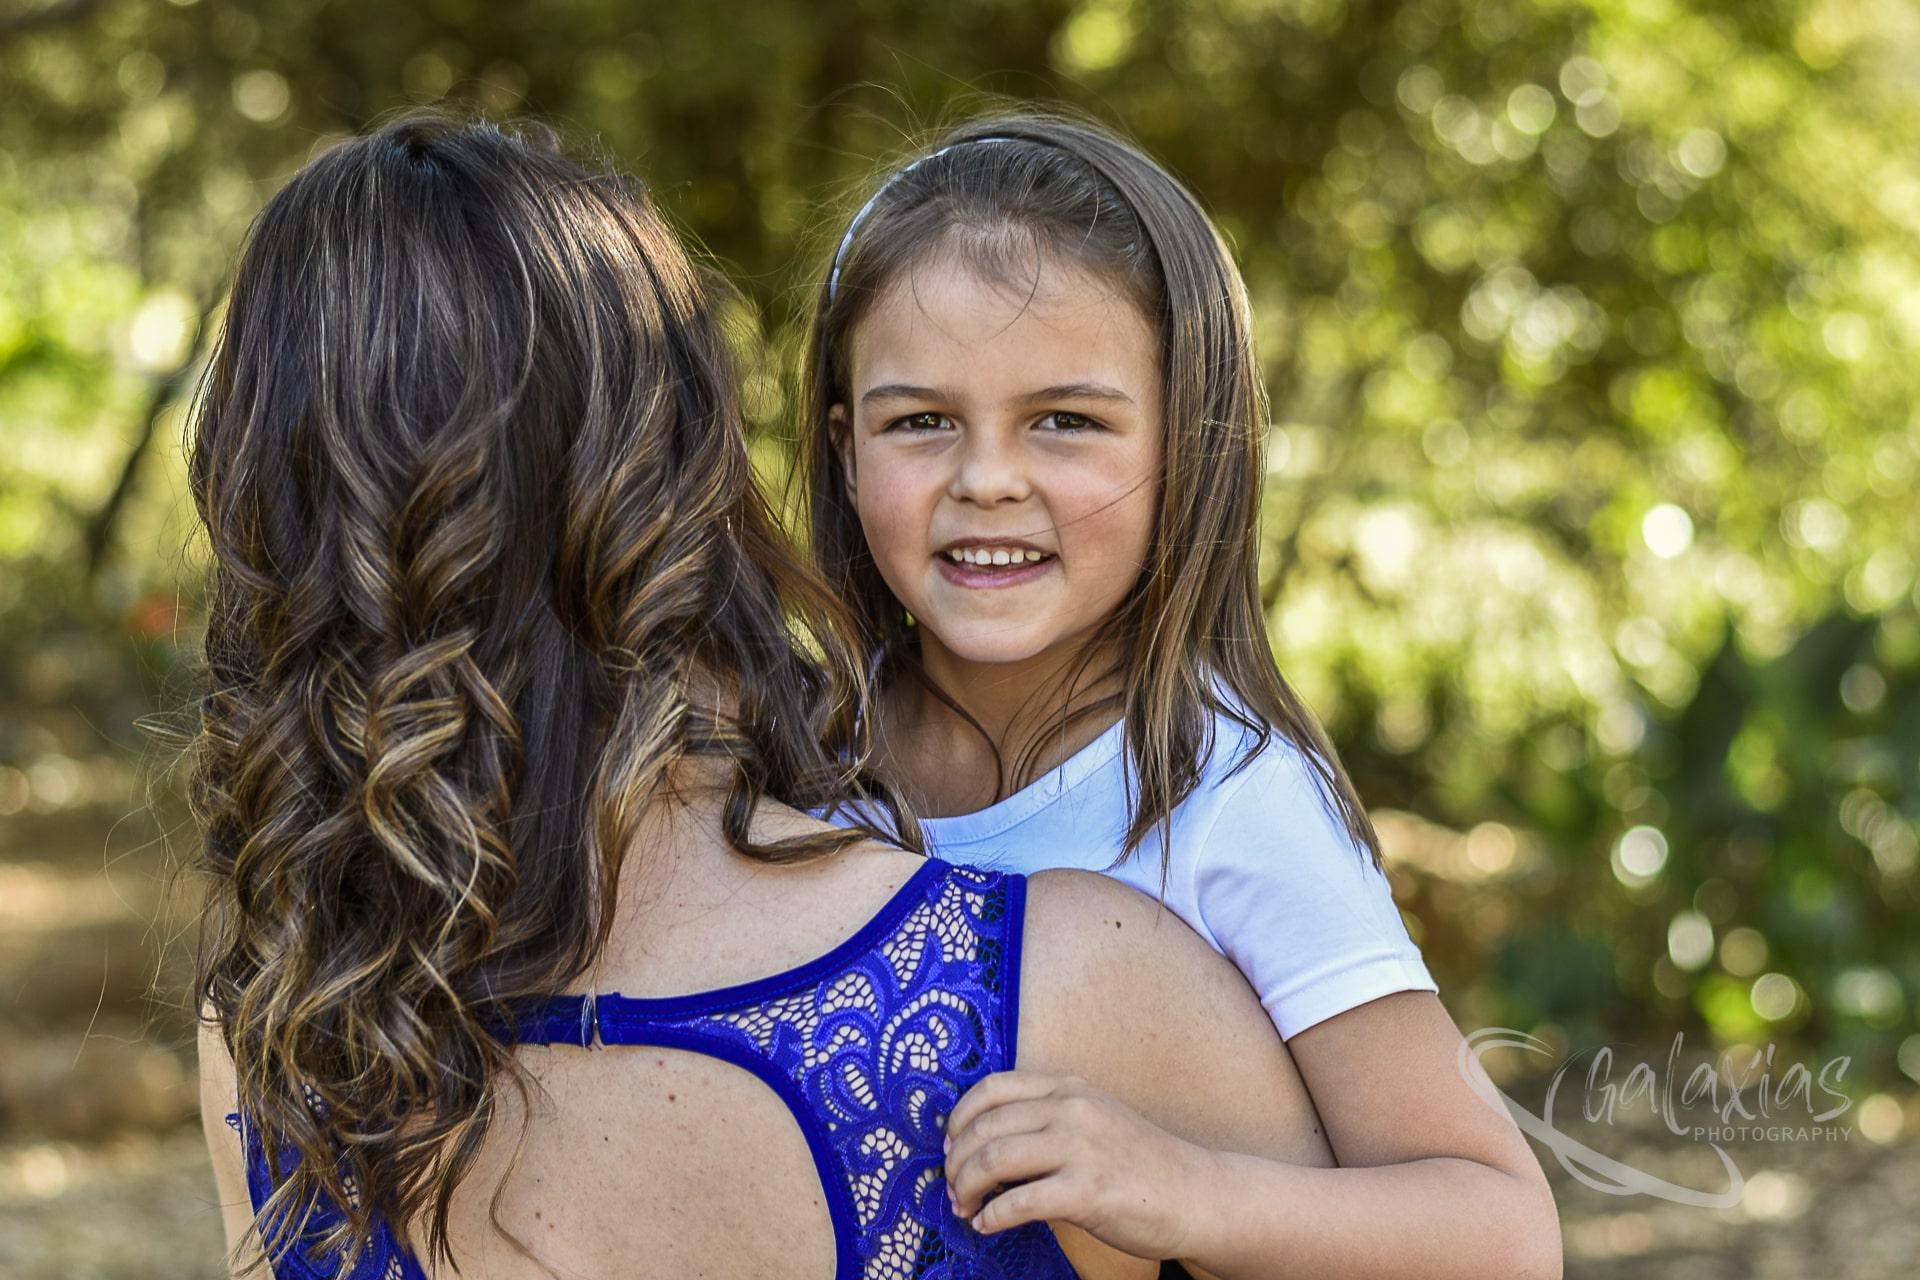 Ingrid and Hannah Stokes photo shoot at Jan Cilliers Park